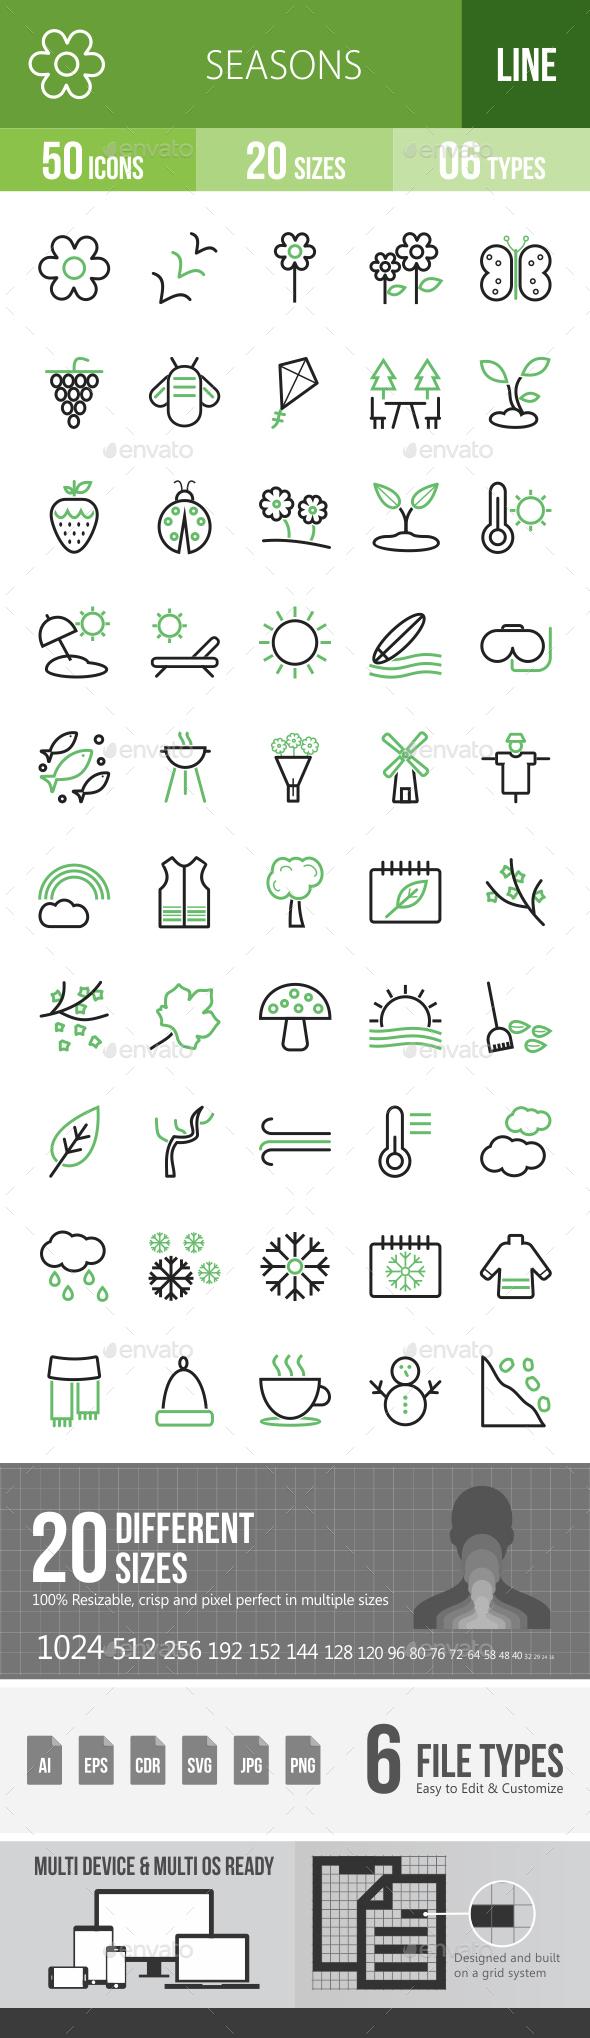 Seasons Line Green & Black Icons - Icons